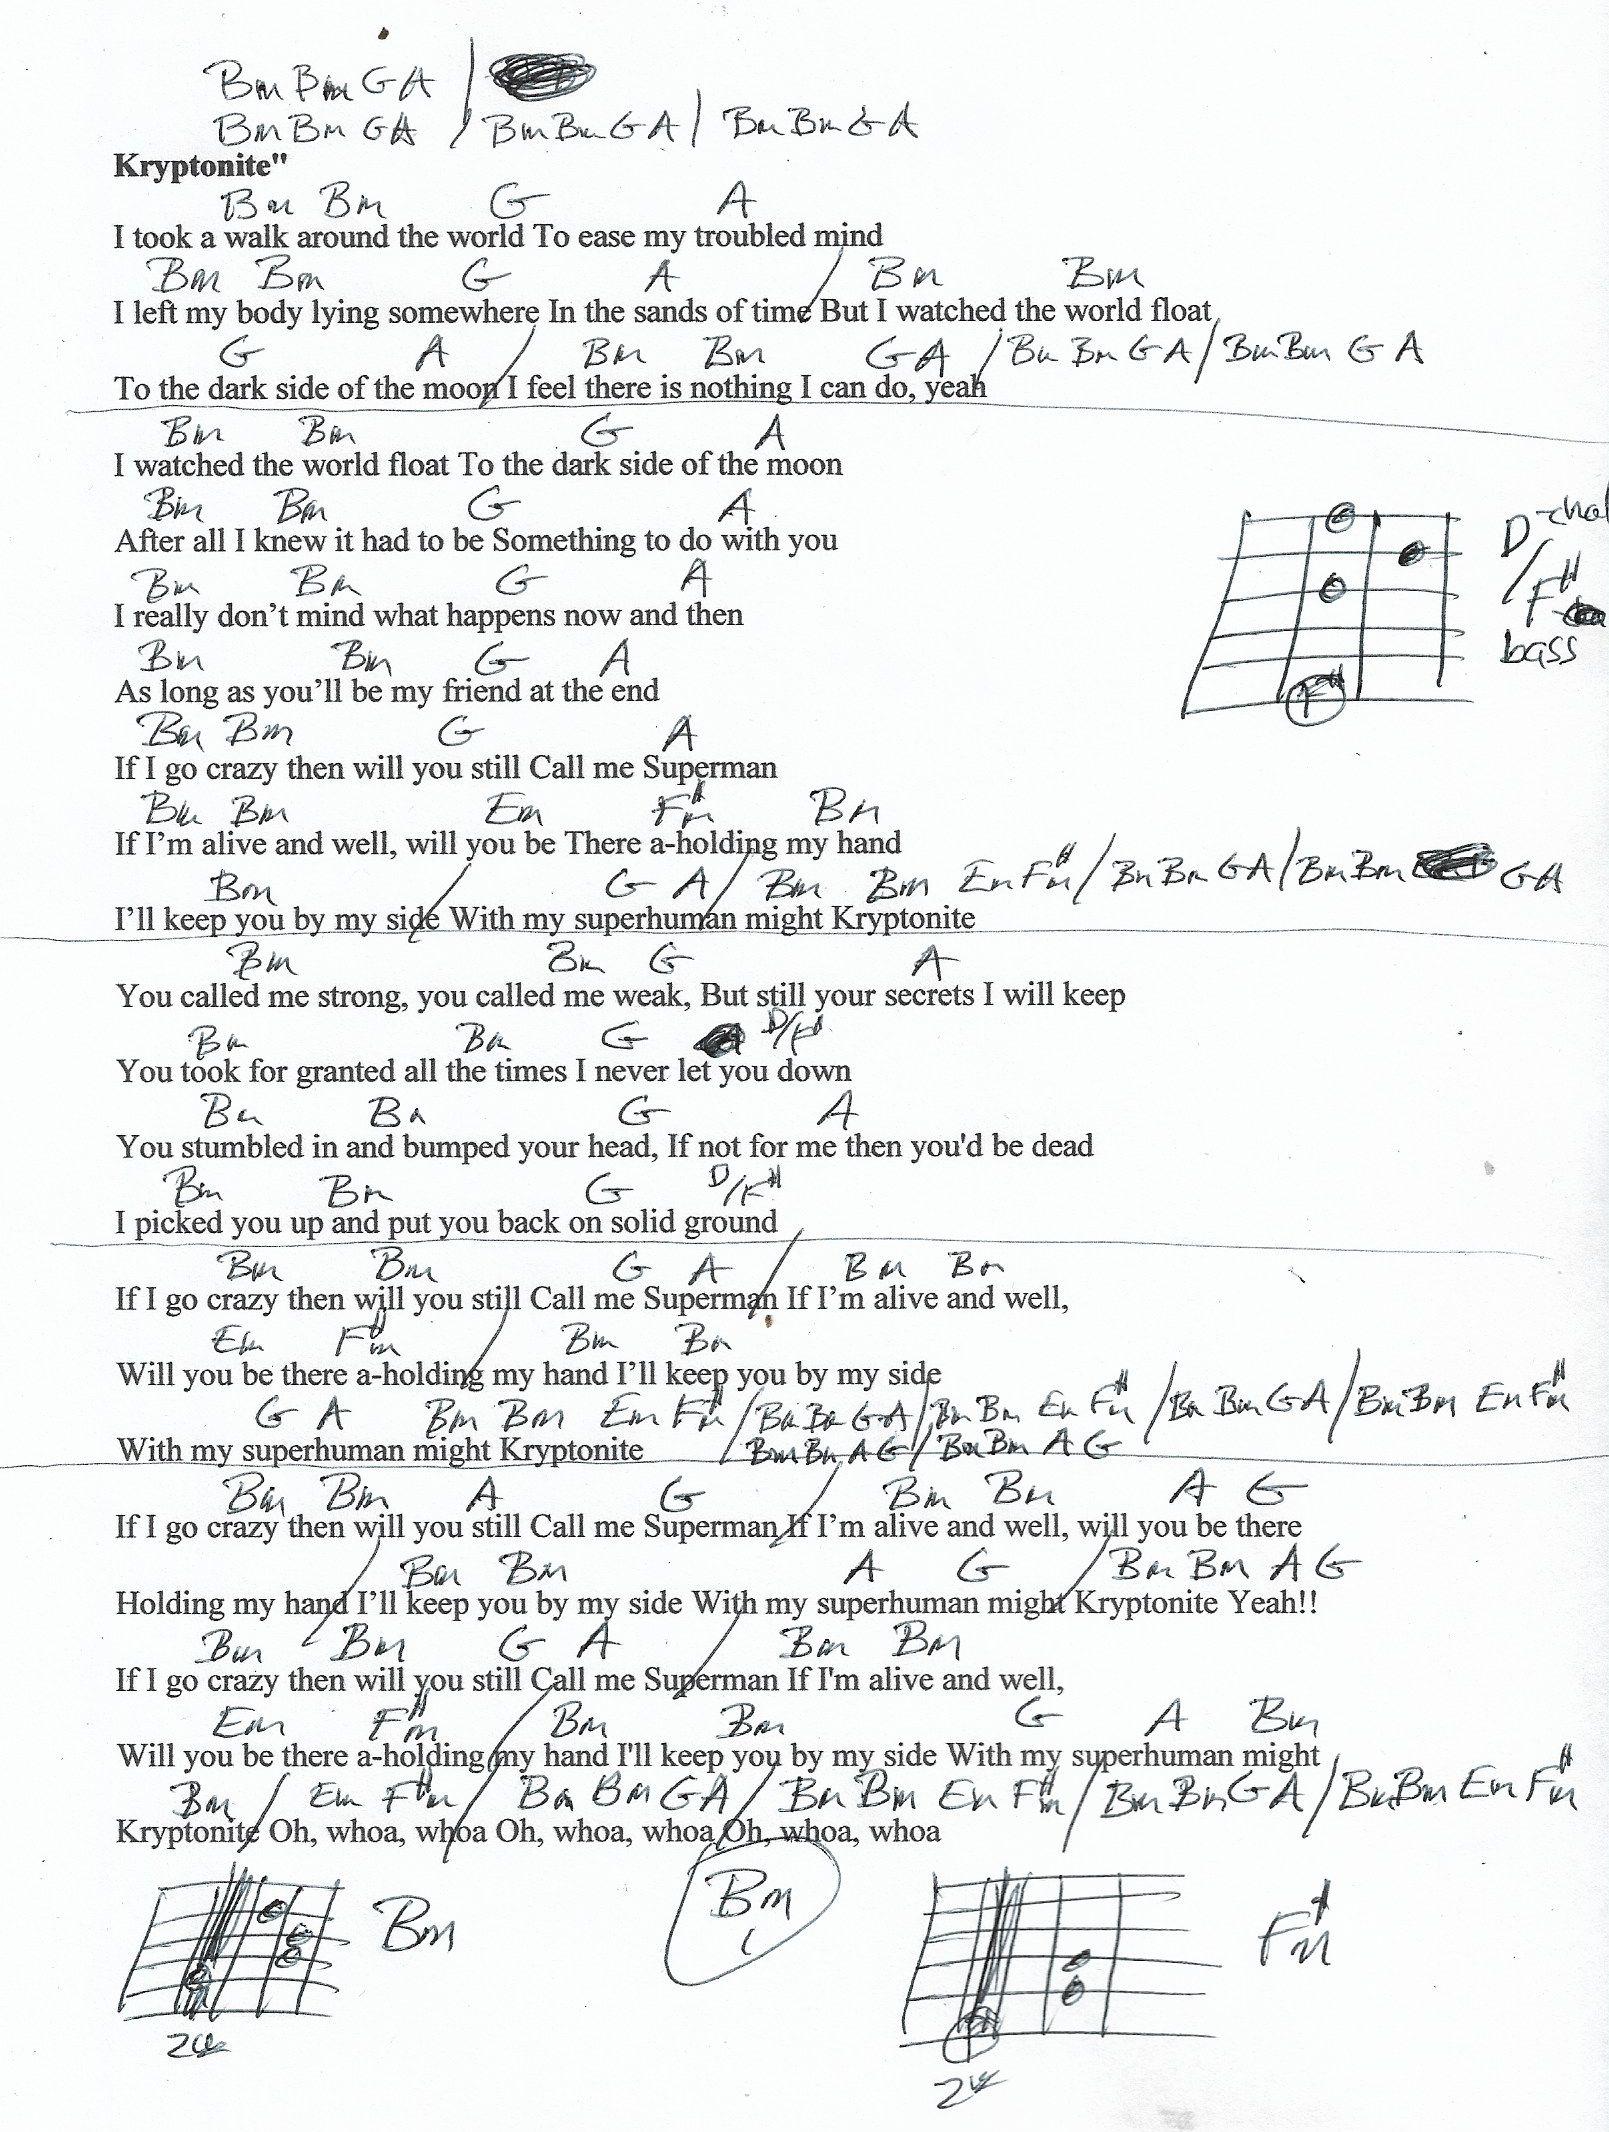 Kryptonite 15 Doors Down Guitar Chord Chart in Bm REAL KEY ...